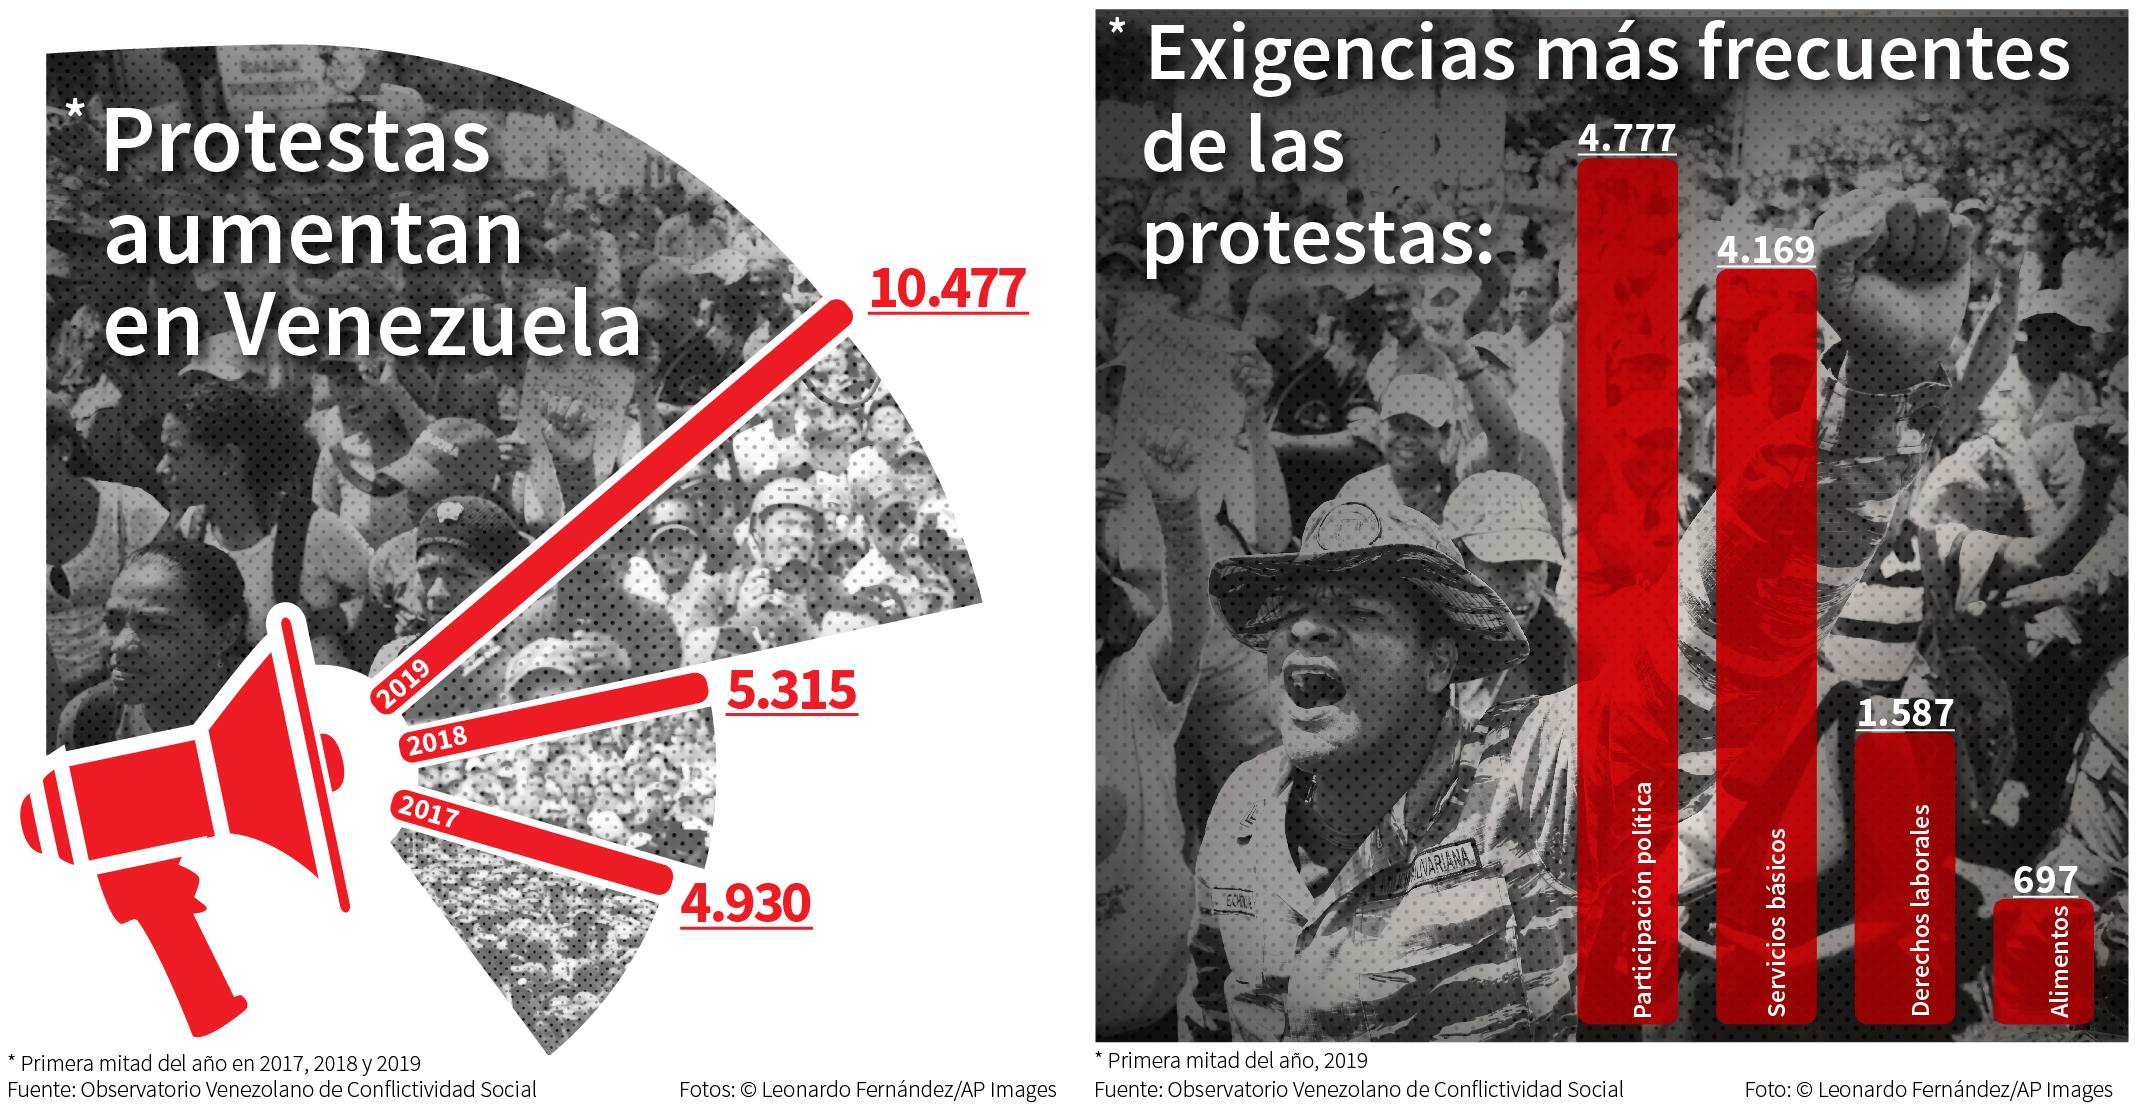 Fotos de manifestaciones con gráficos superpuestos que muestran el creciente número de protestas en Venezuela y las exigencias más frecuentes (Departamento de Estado/Fotos © Leonardo Fernández/AP Images)